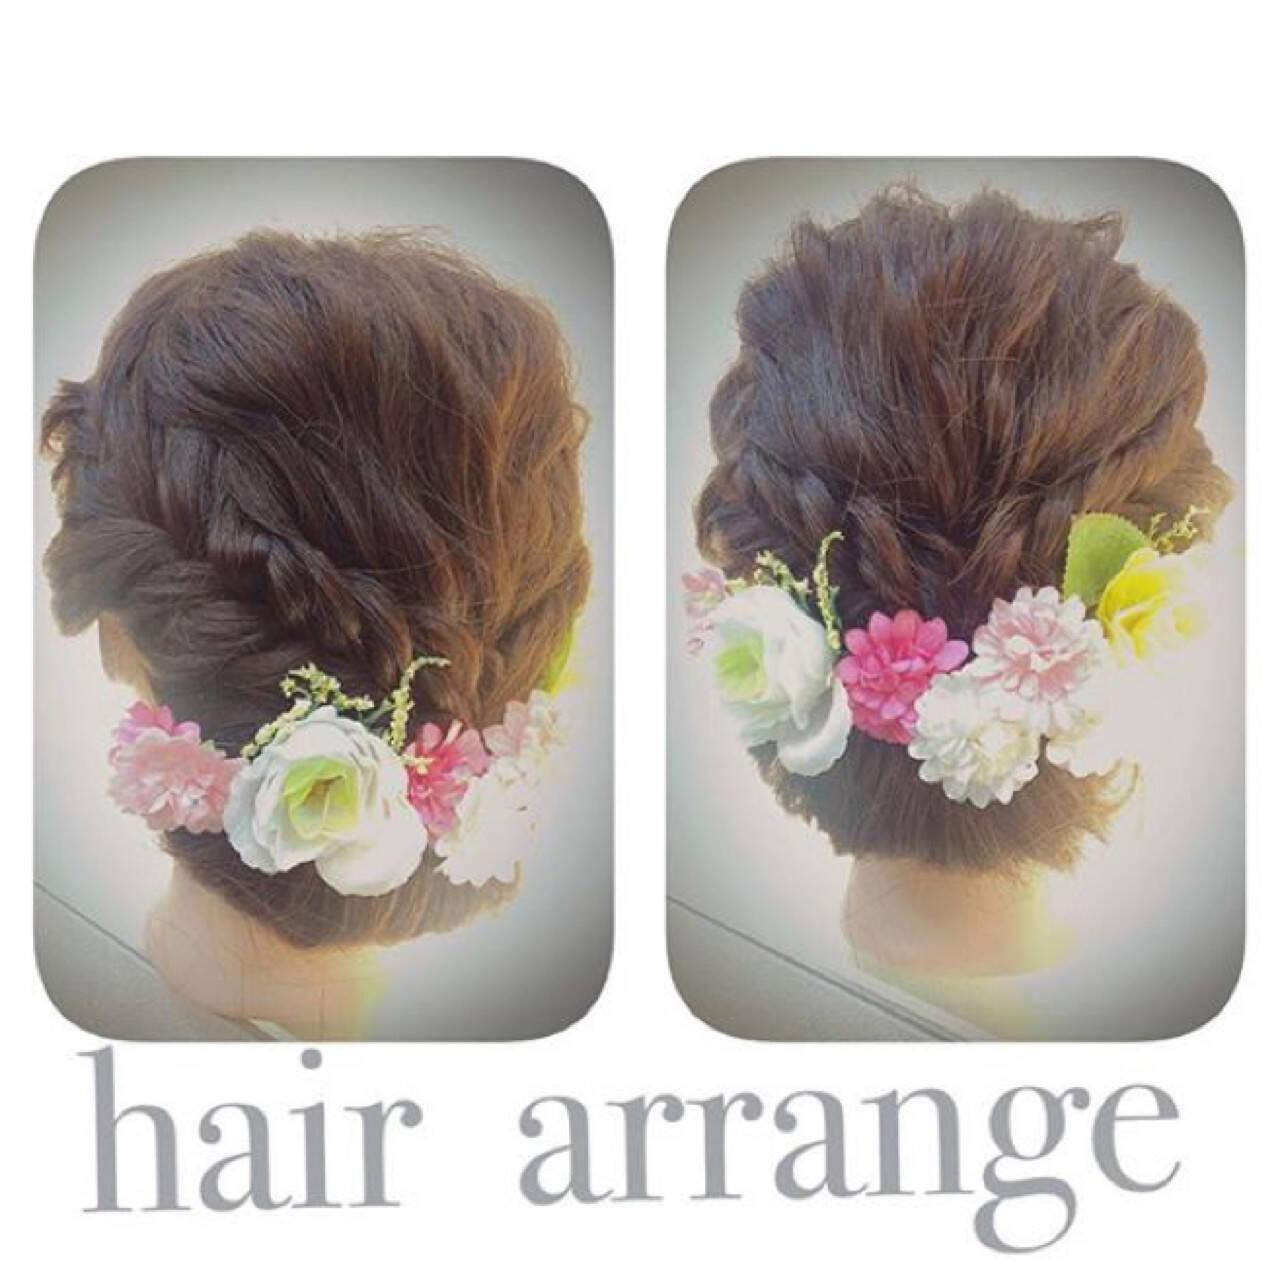 セミロング 編み込み 簡単ヘアアレンジ ヘアアレンジヘアスタイルや髪型の写真・画像